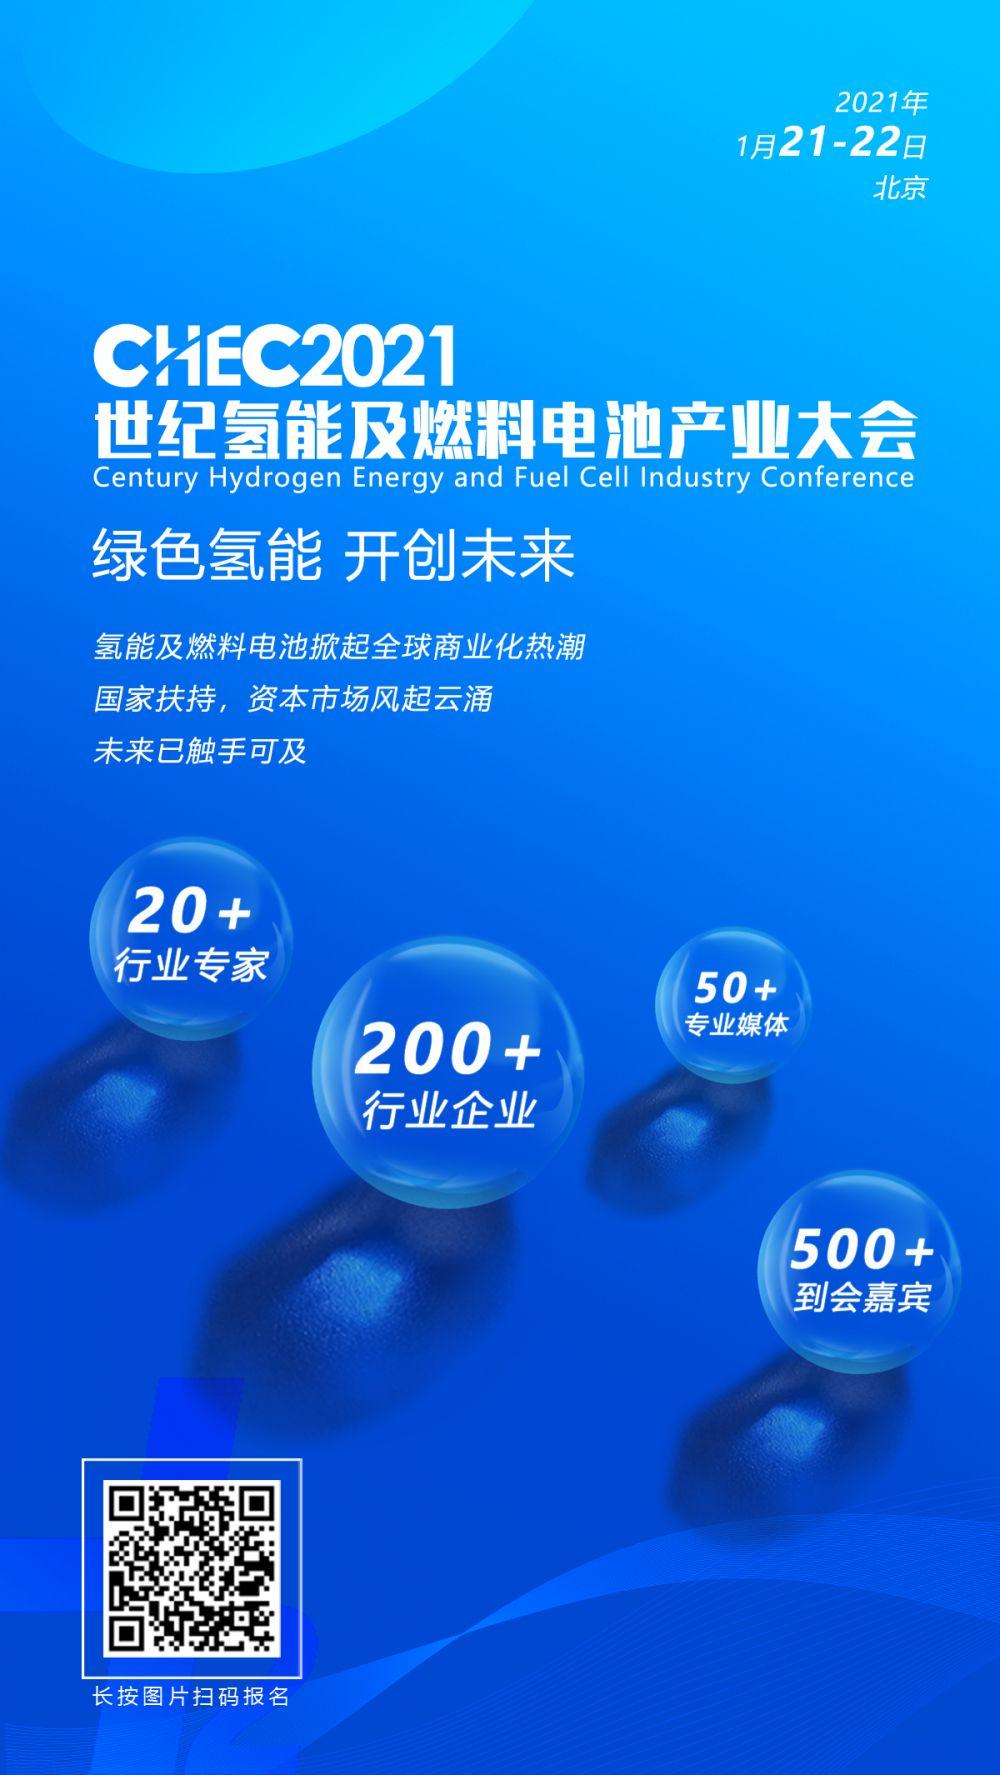 CHEC2021世纪氢能产业大会海报(13)